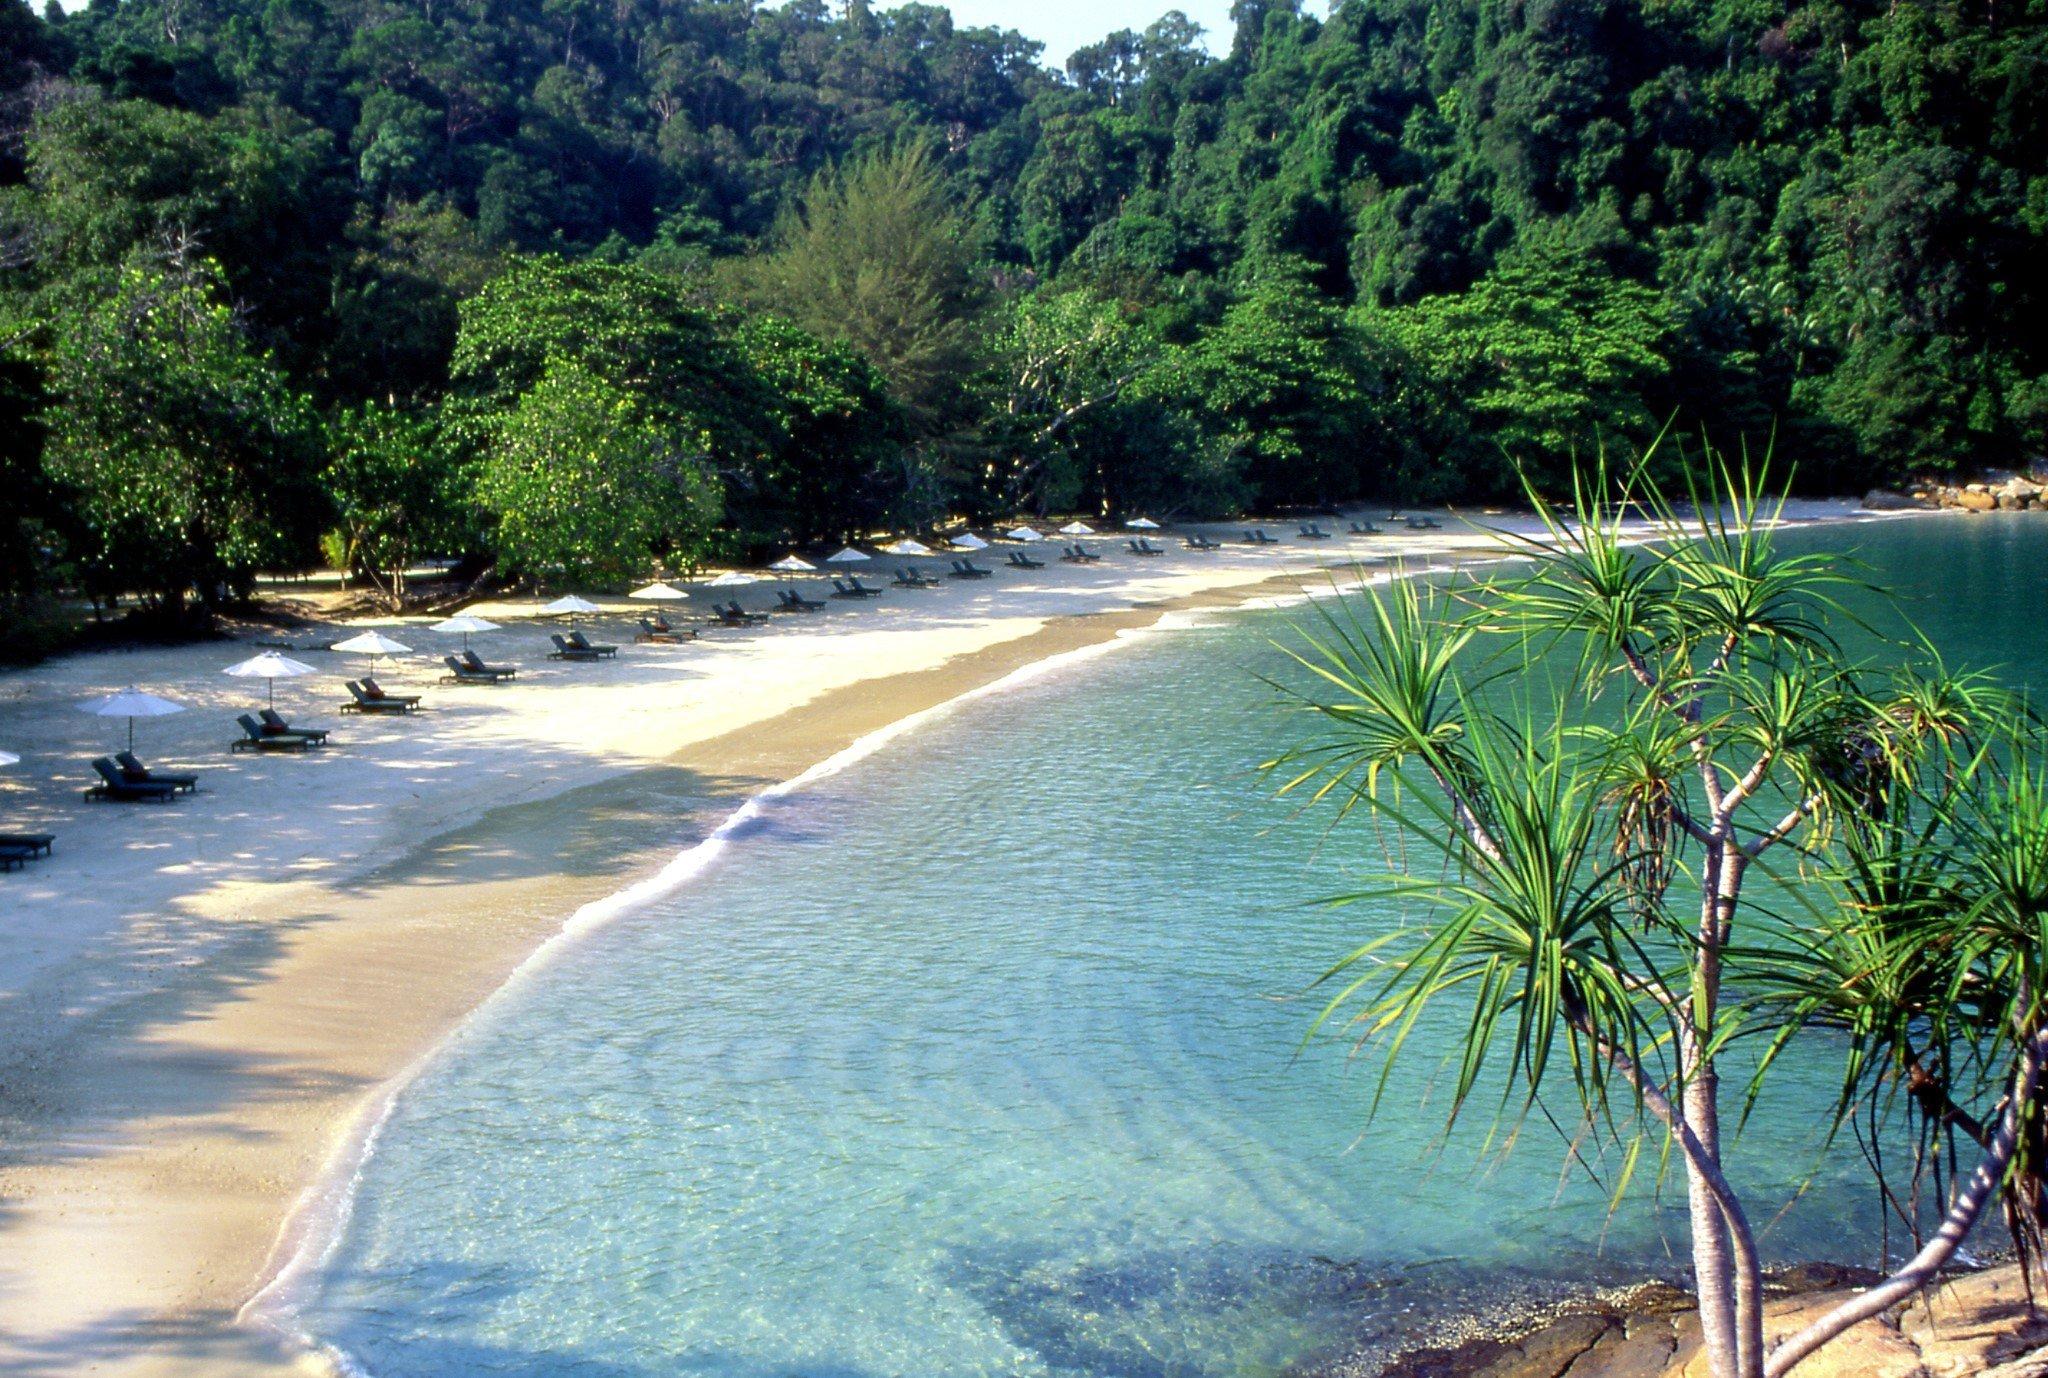 Una bellissima baia con vegetazione tropicale a Pangkor Laut, Malesia